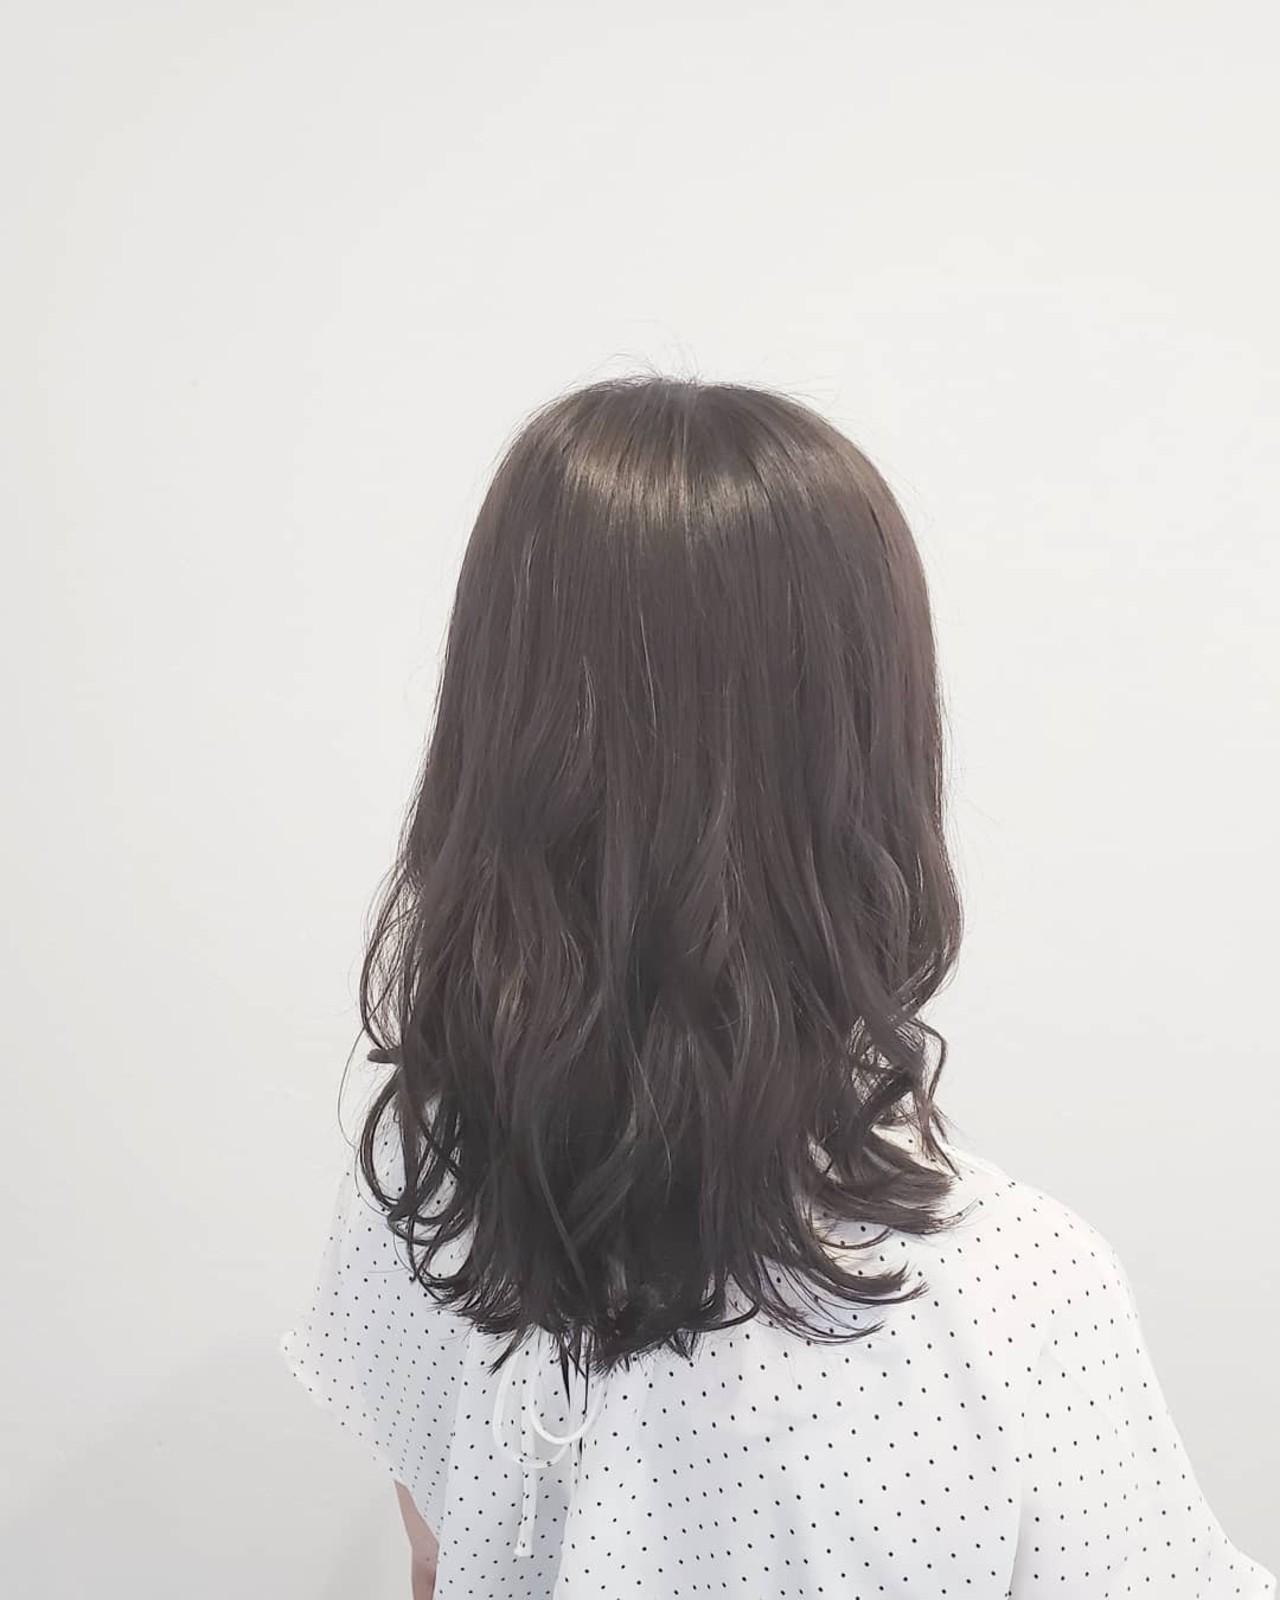 艶髪 ナチュラル 外国人風 グレージュヘアスタイルや髪型の写真・画像